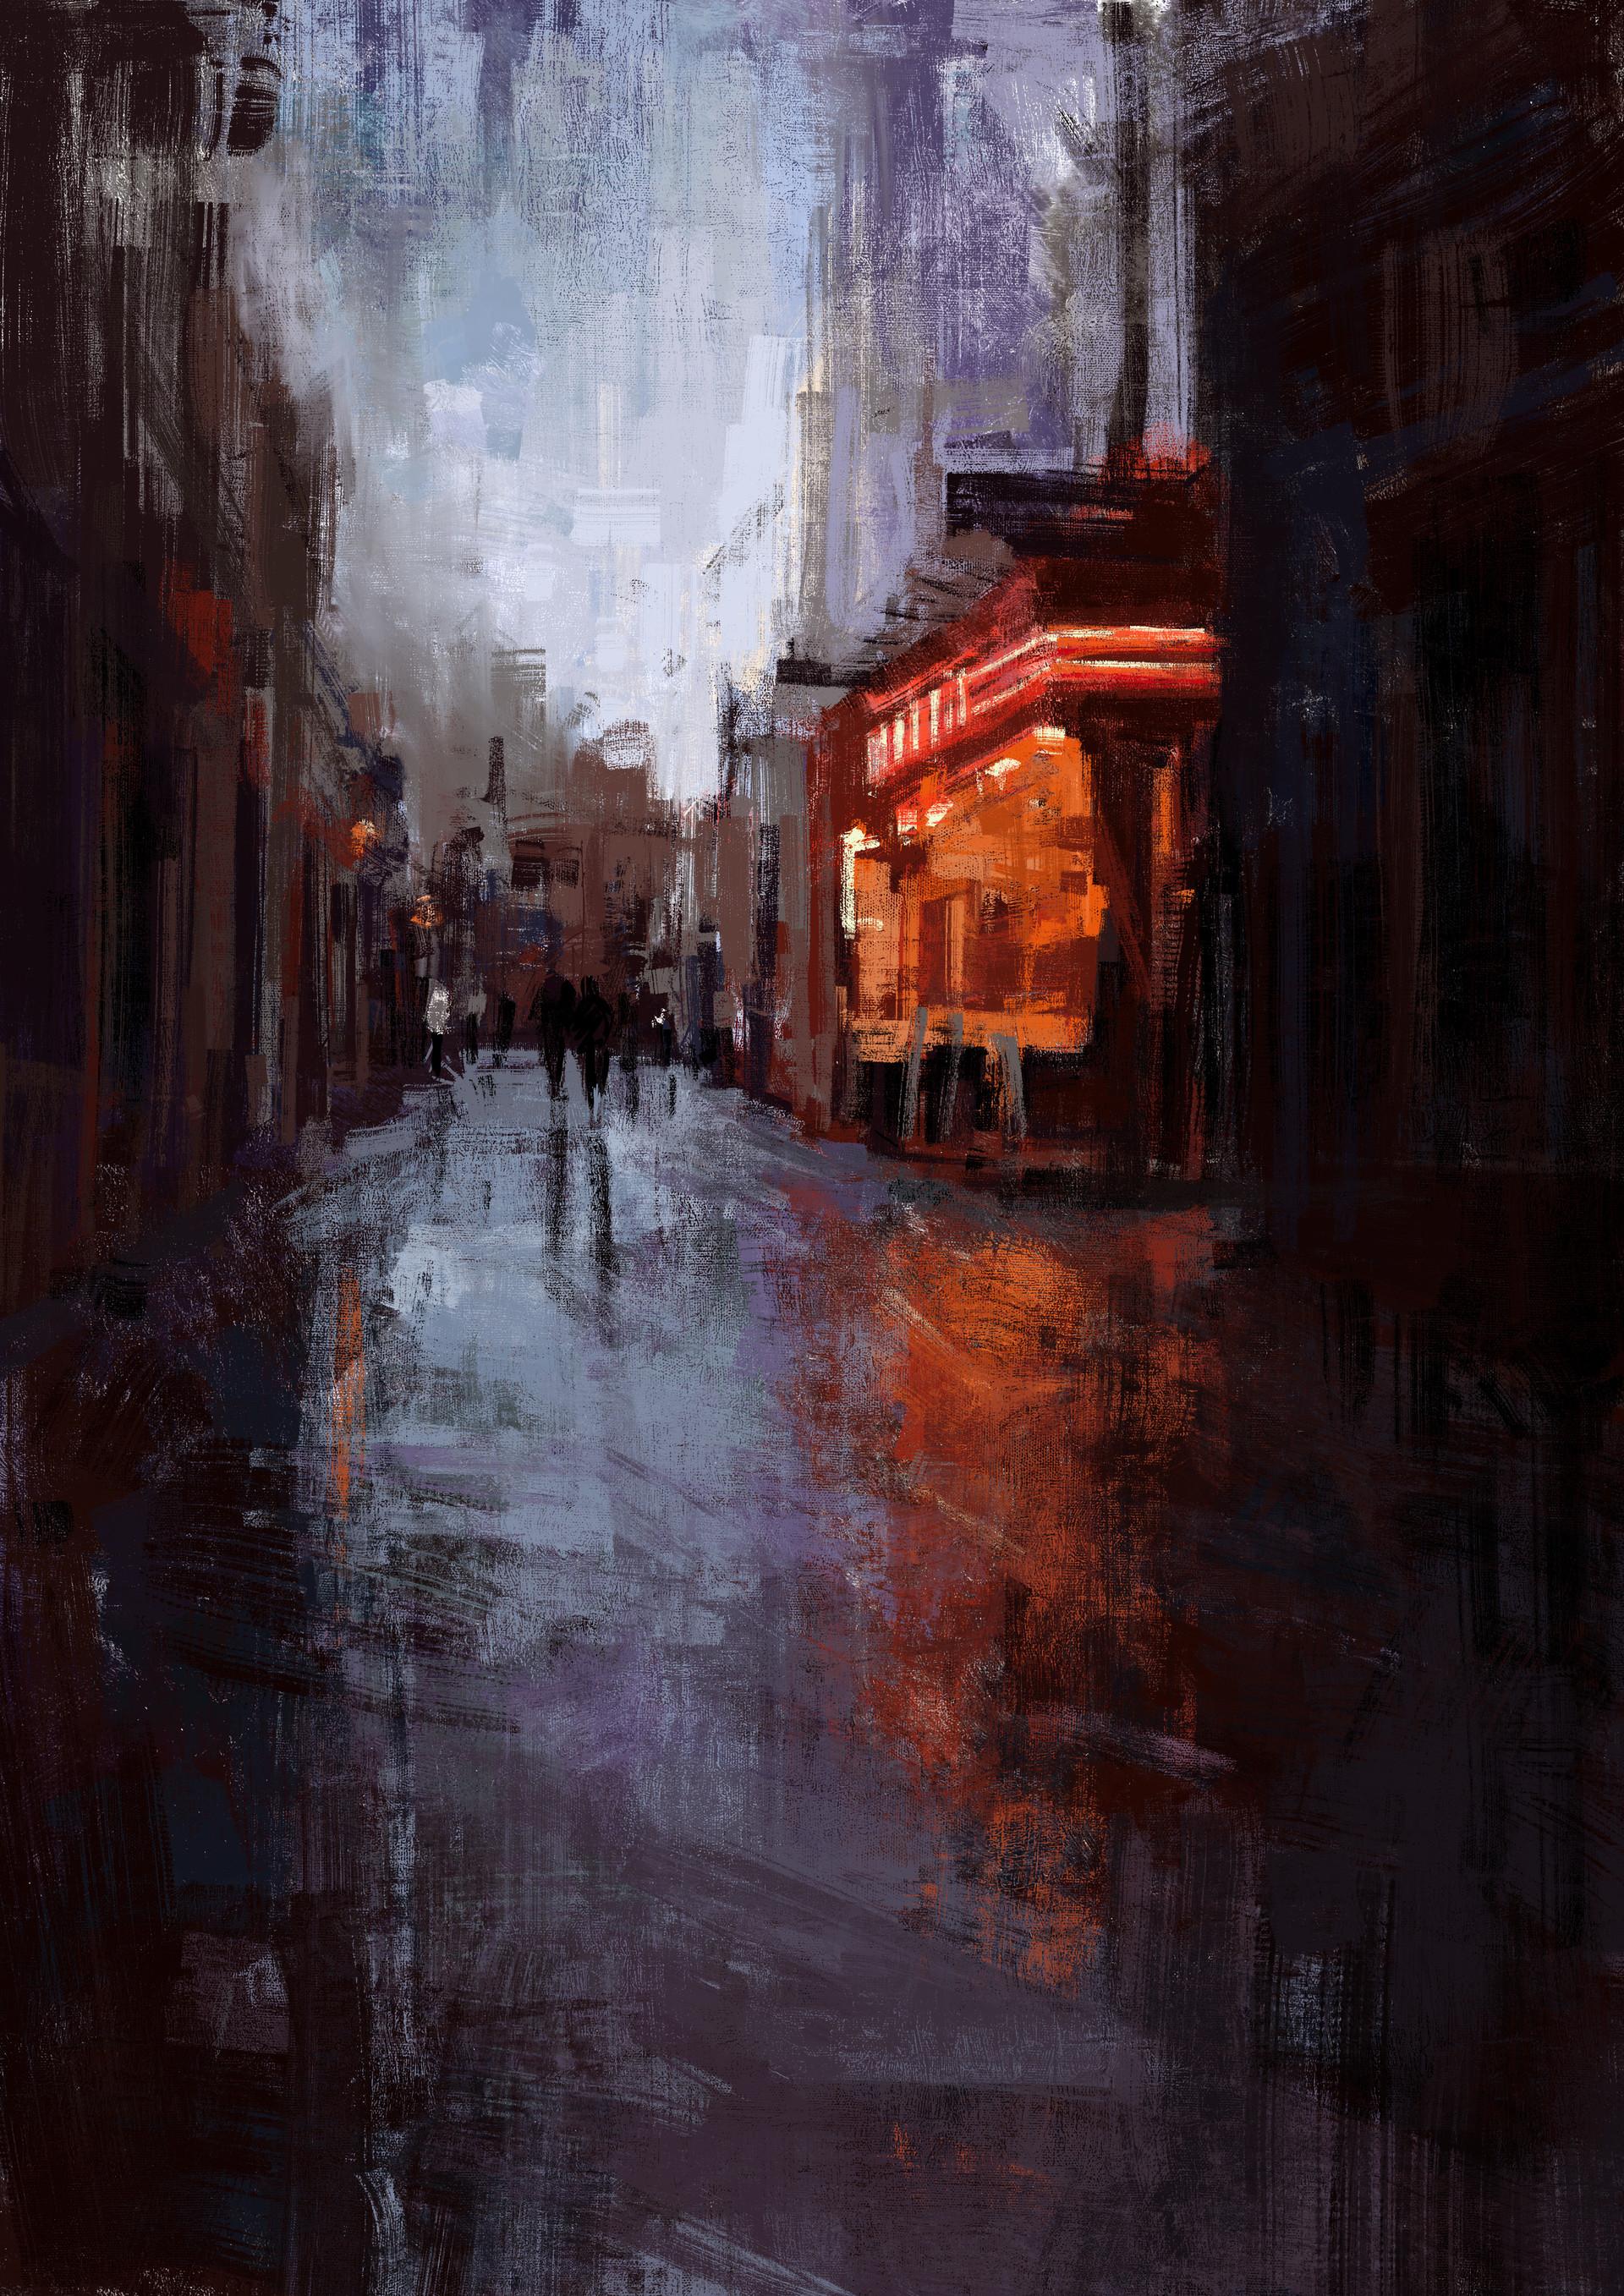 Duncan halleck rue de bouchers